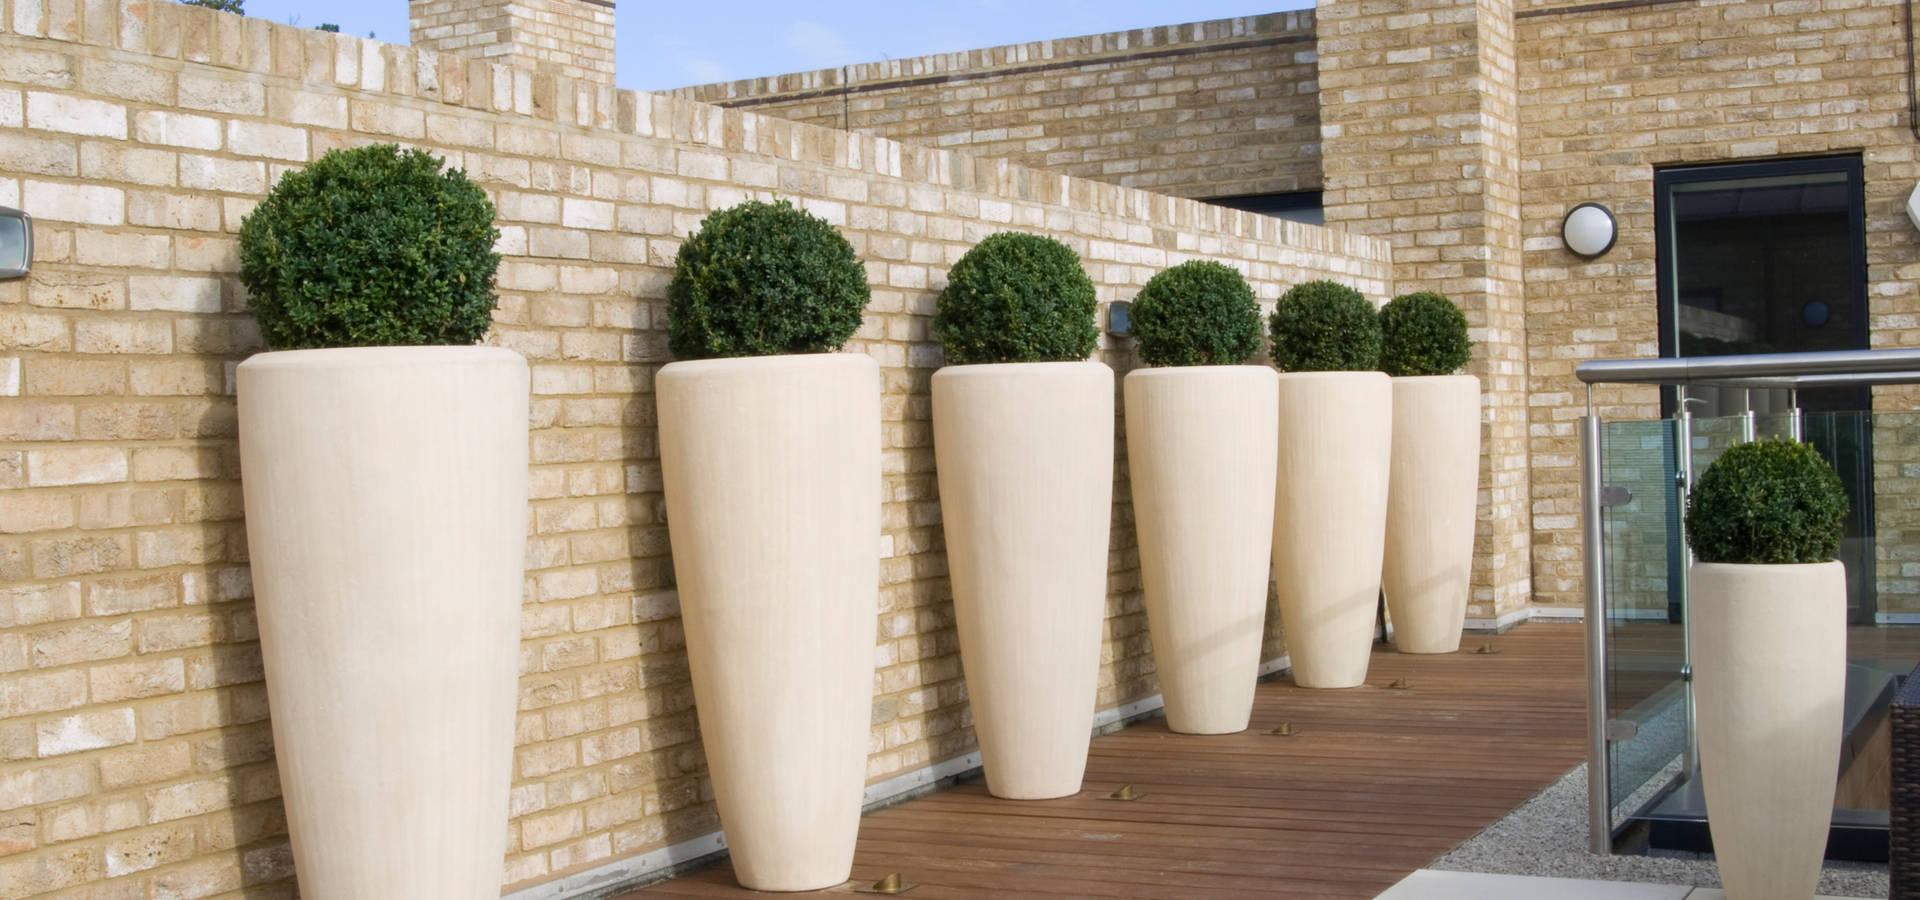 Paul Dracott Garden Design